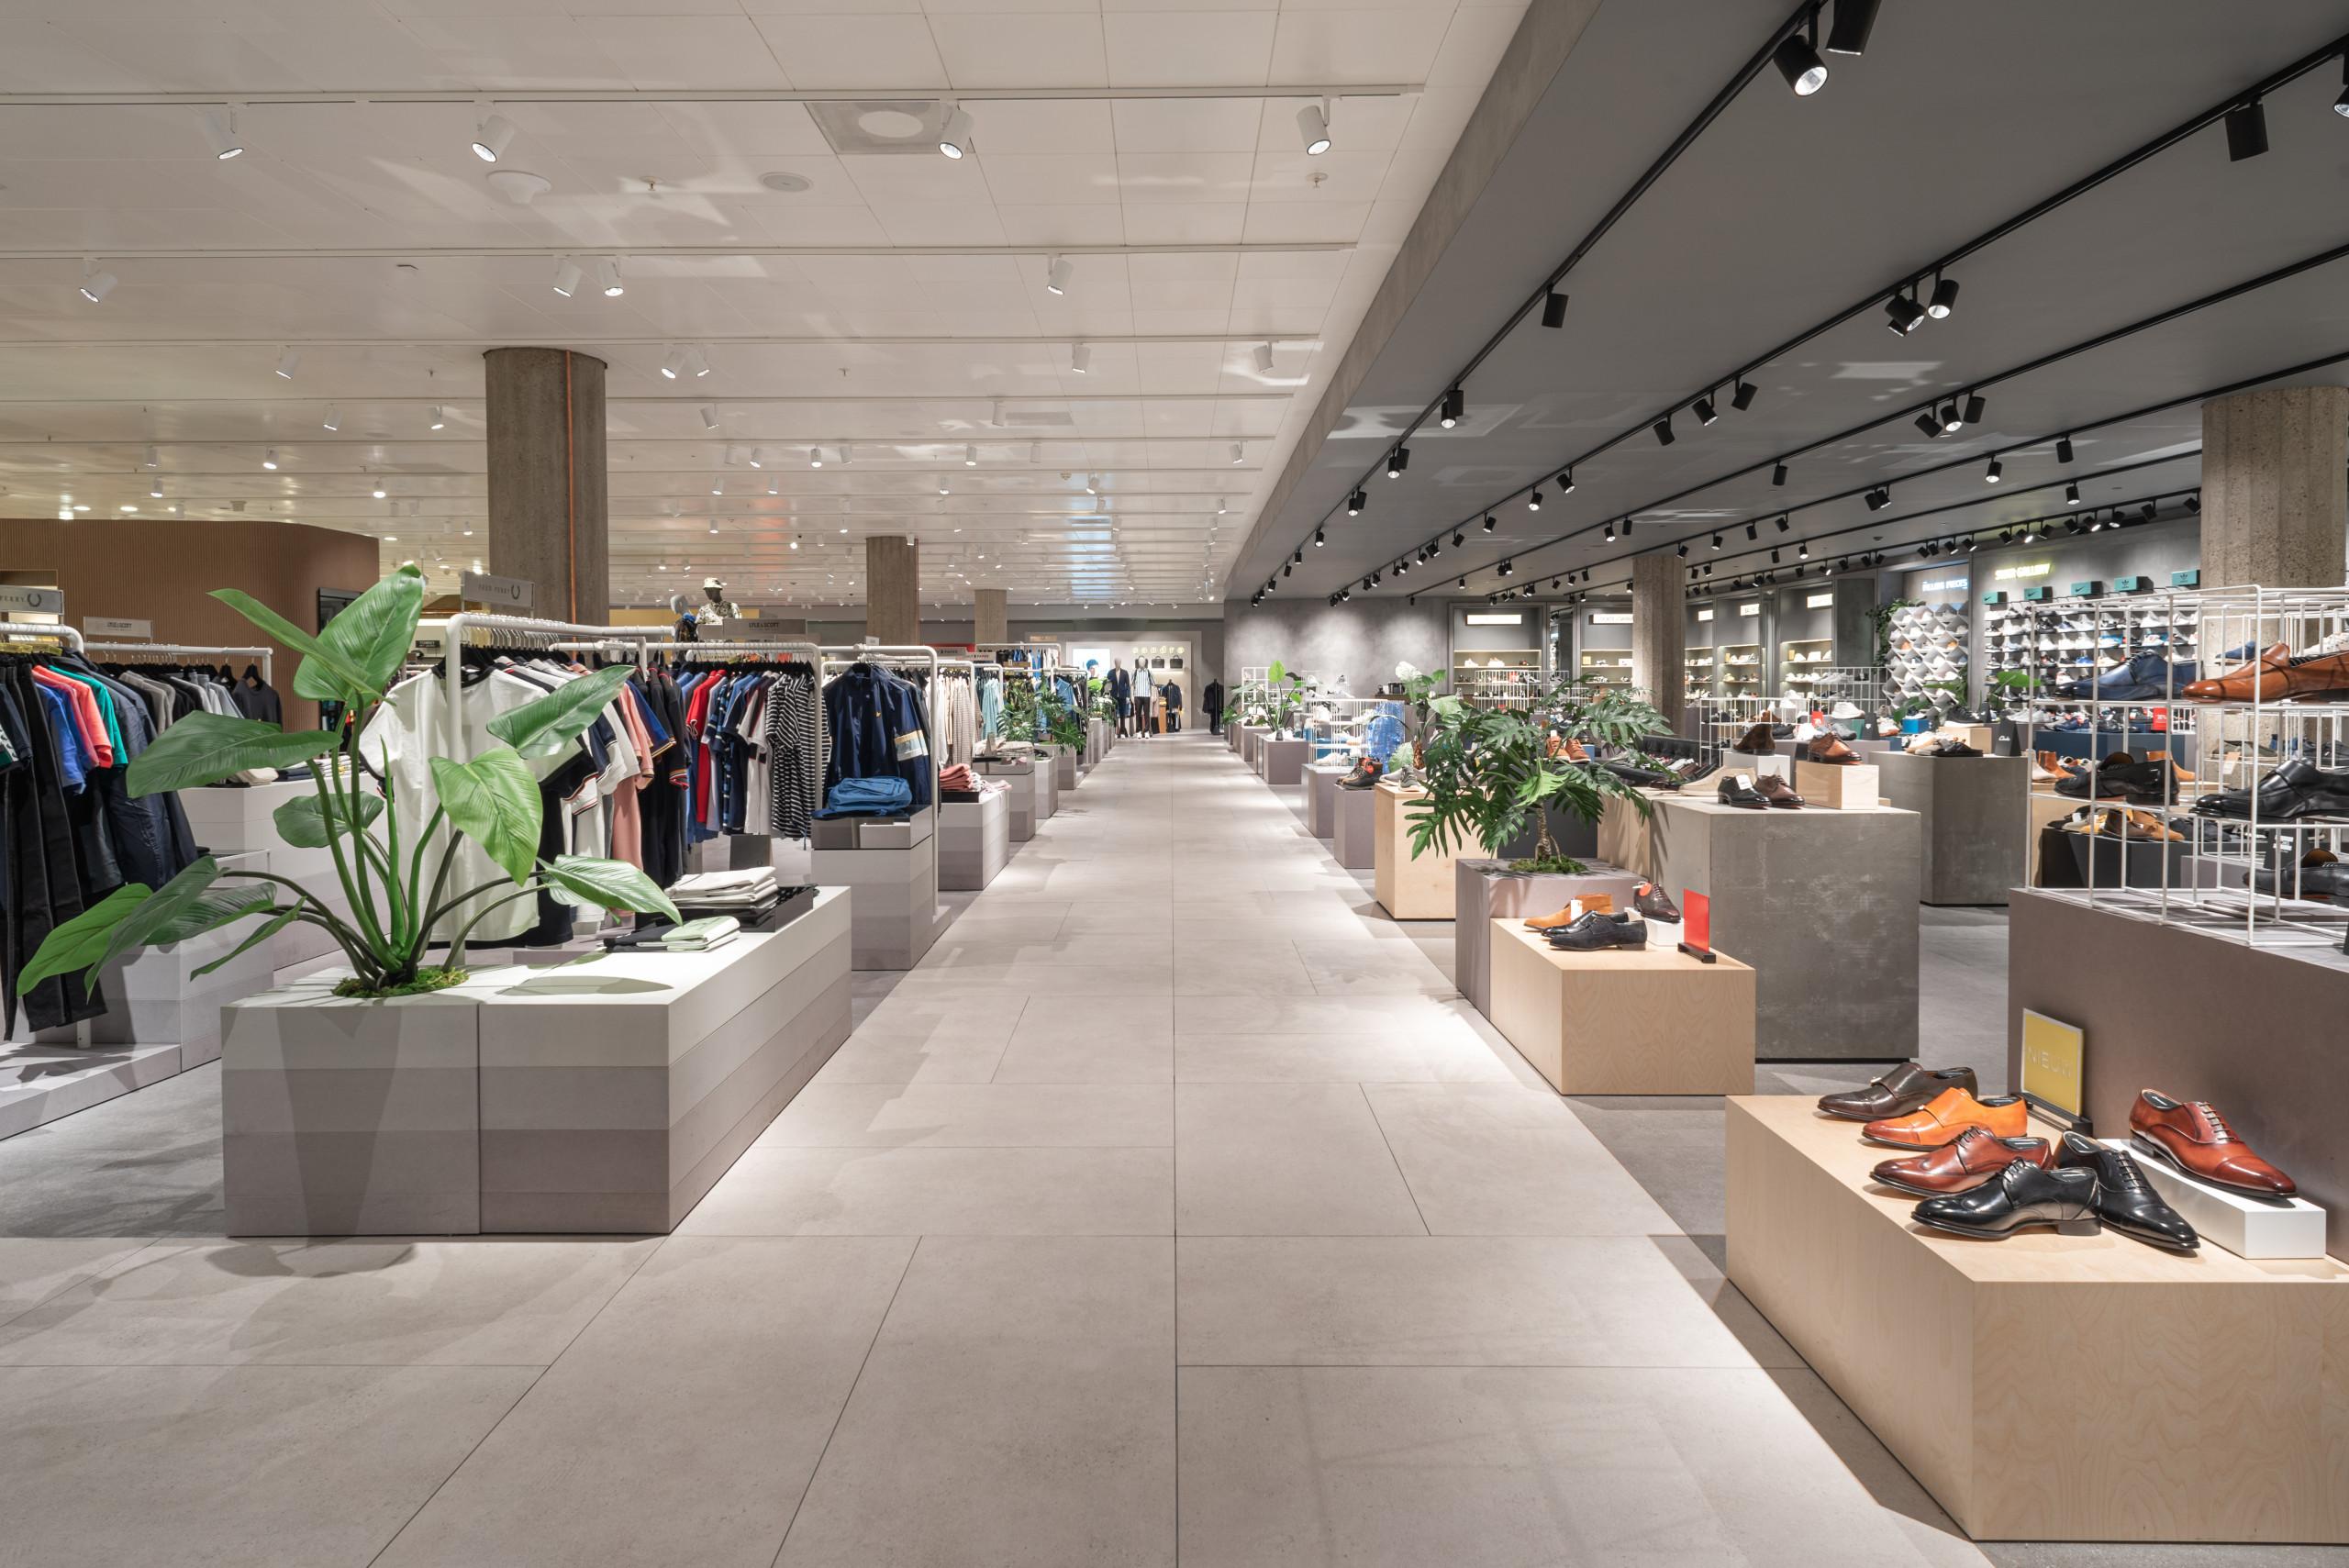 De Bijenkorf Rotterdam men's clothing